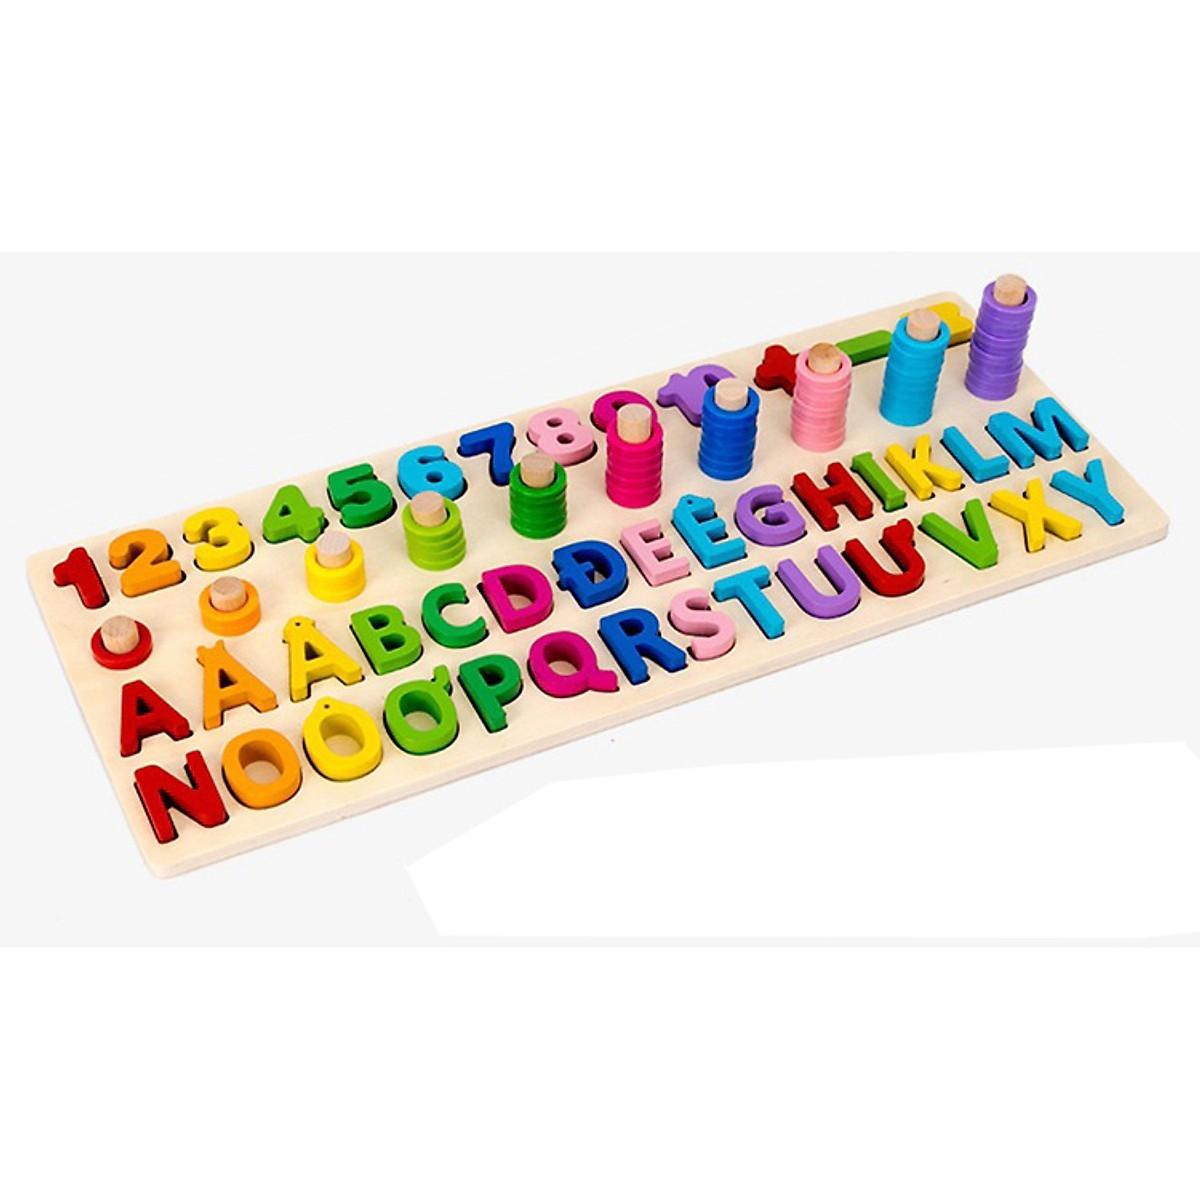 Bảng Chữ Cái Tiếng Việt thường và Số Đếm gỗ nổi-  đồ chơi gỗ an toàn cho bé